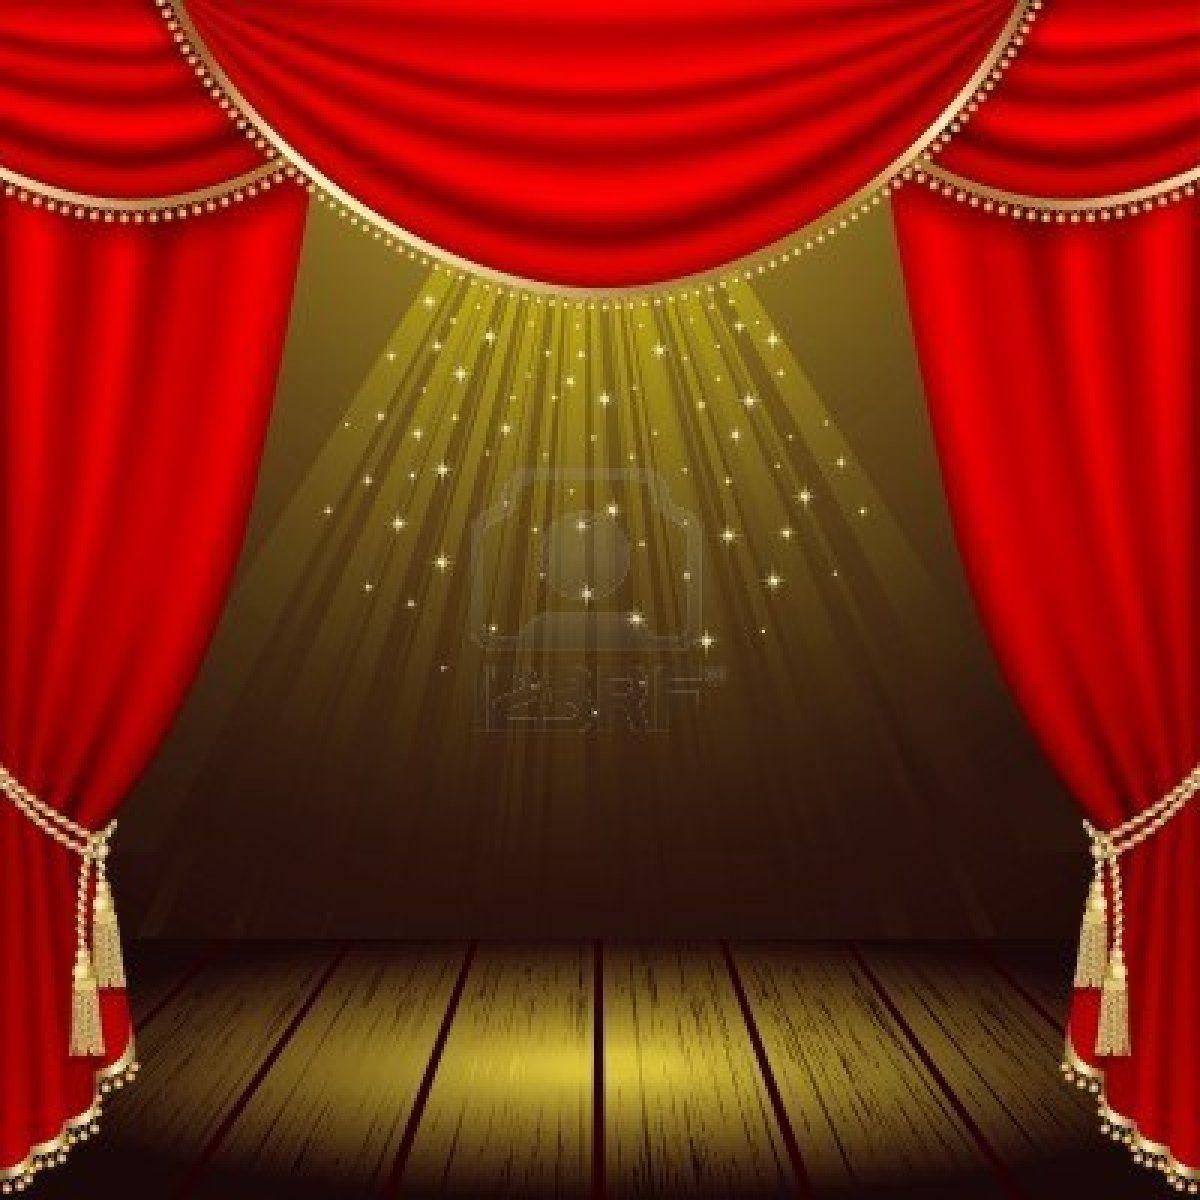 Pin By Soermin Ferreiras Payamps On Escenarios Red Curtains